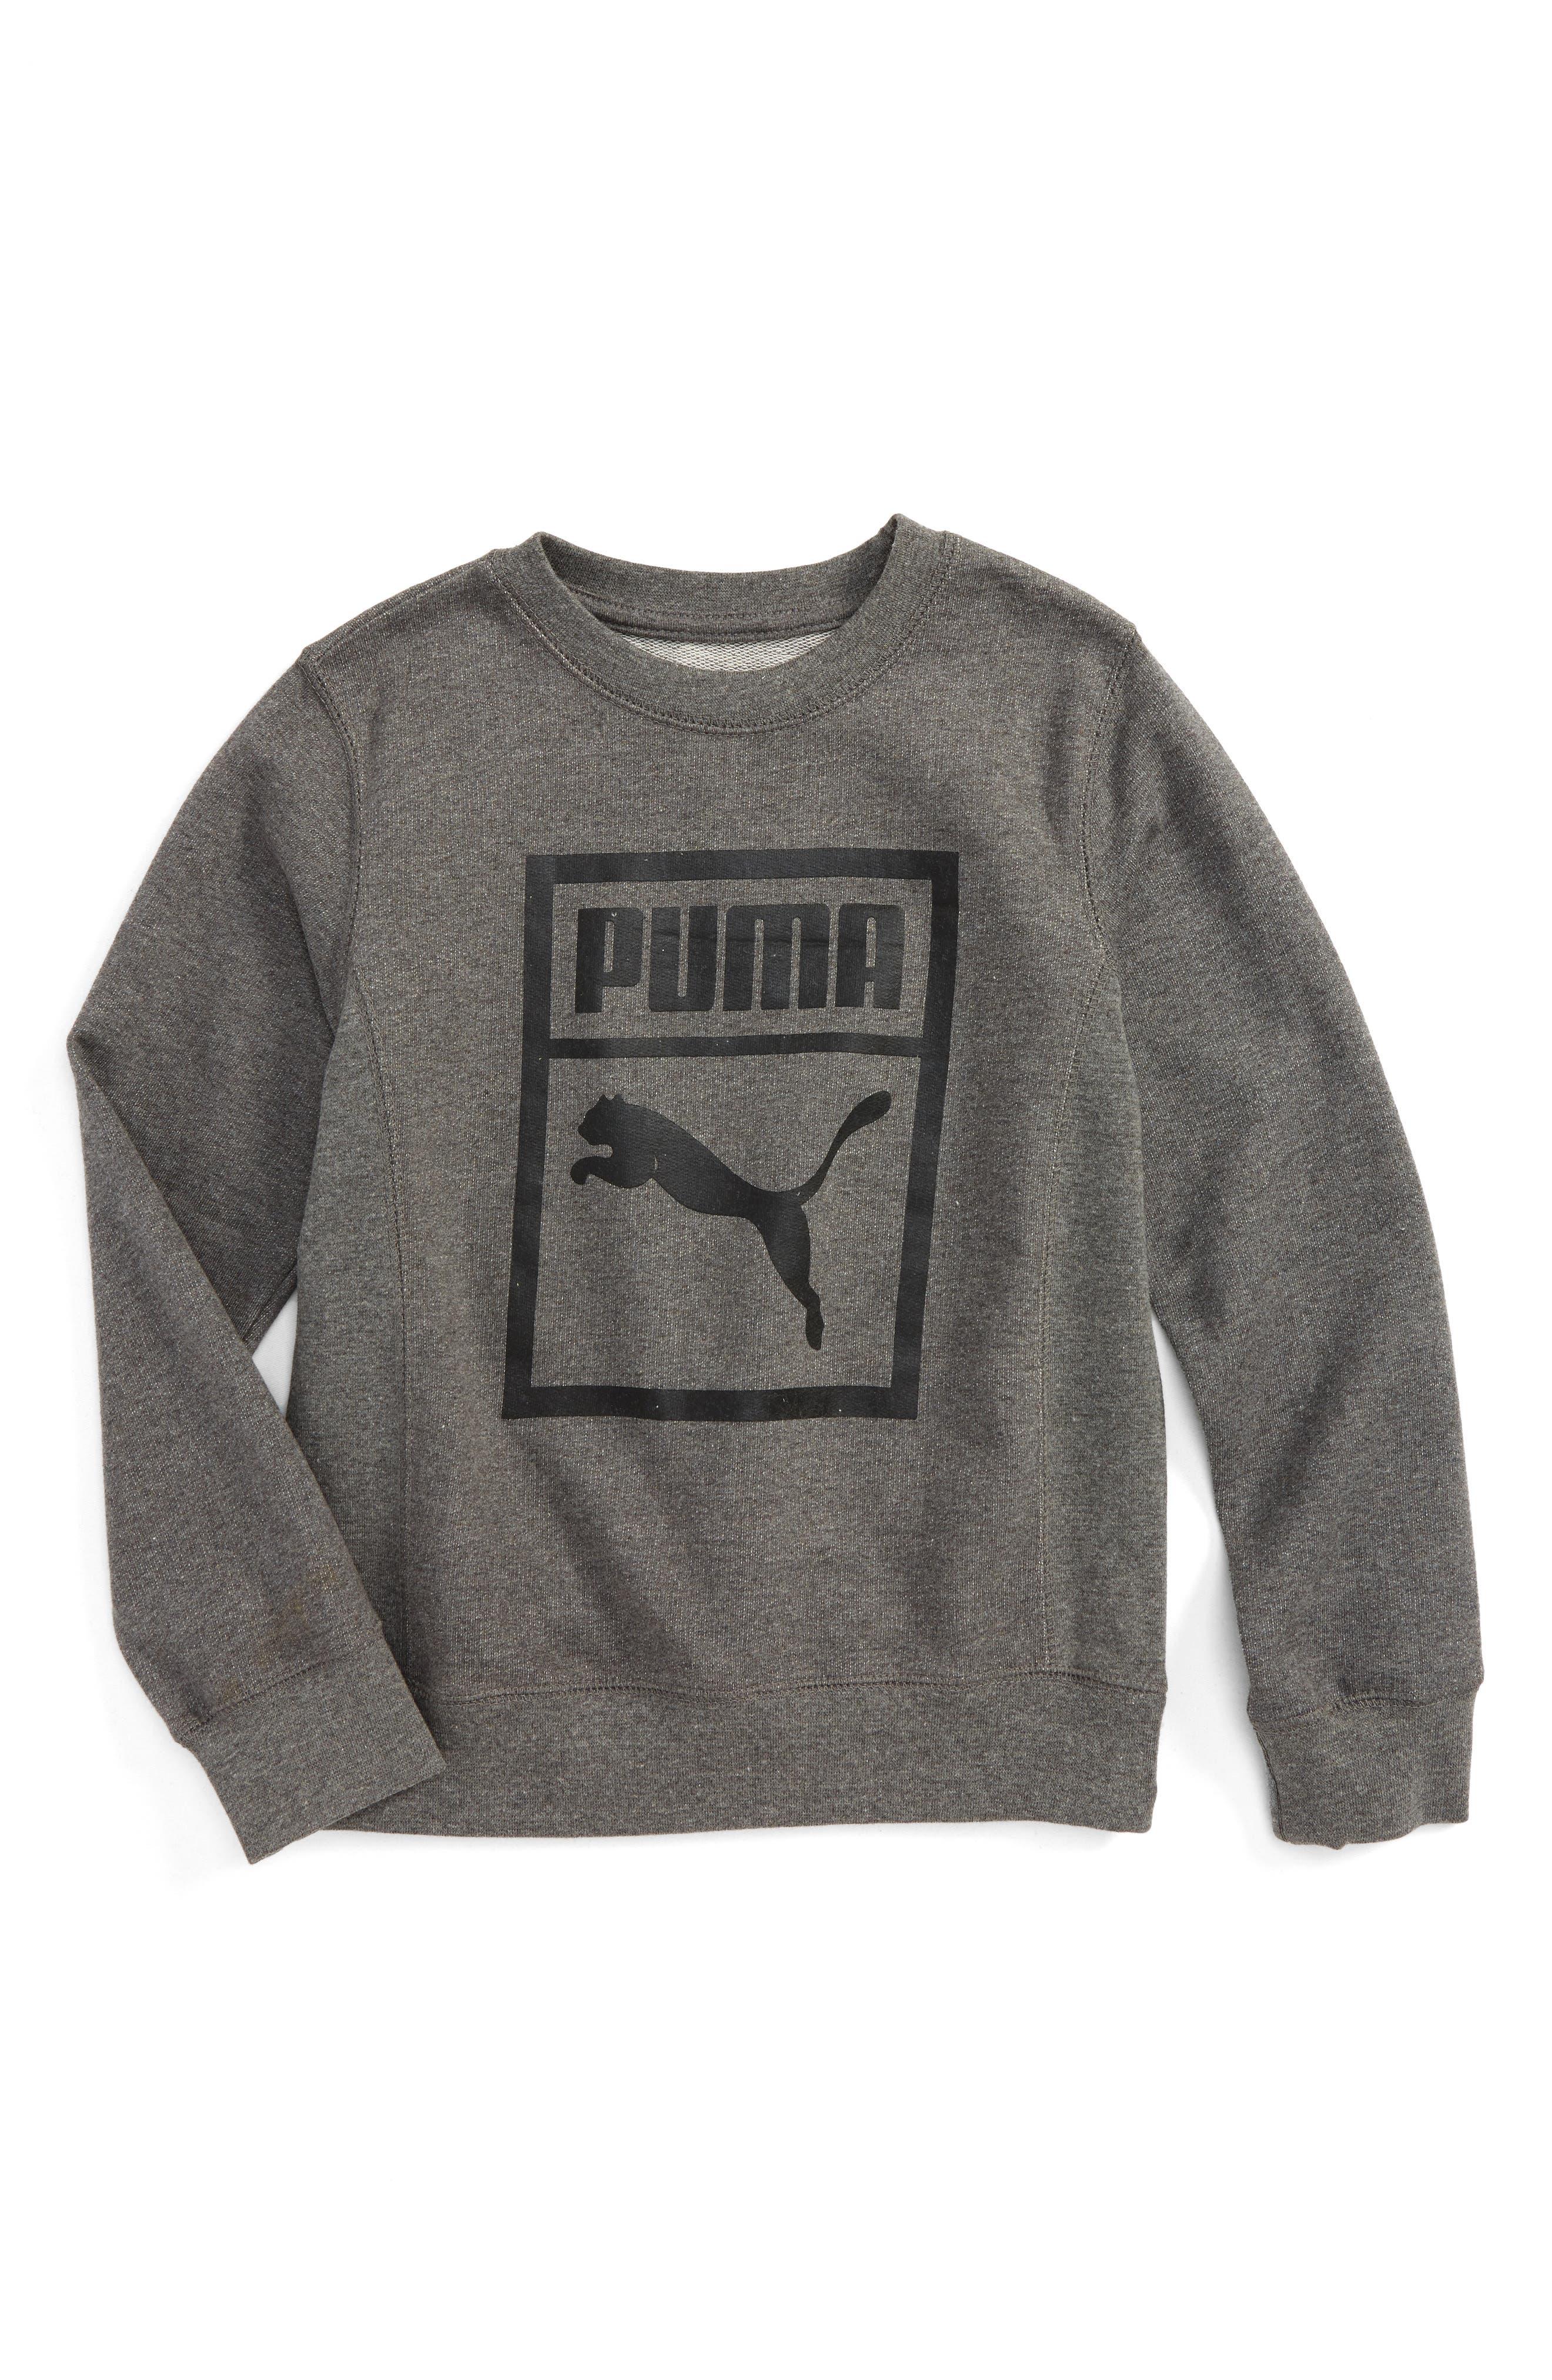 PUMA Heritage Crewneck Sweatshirt